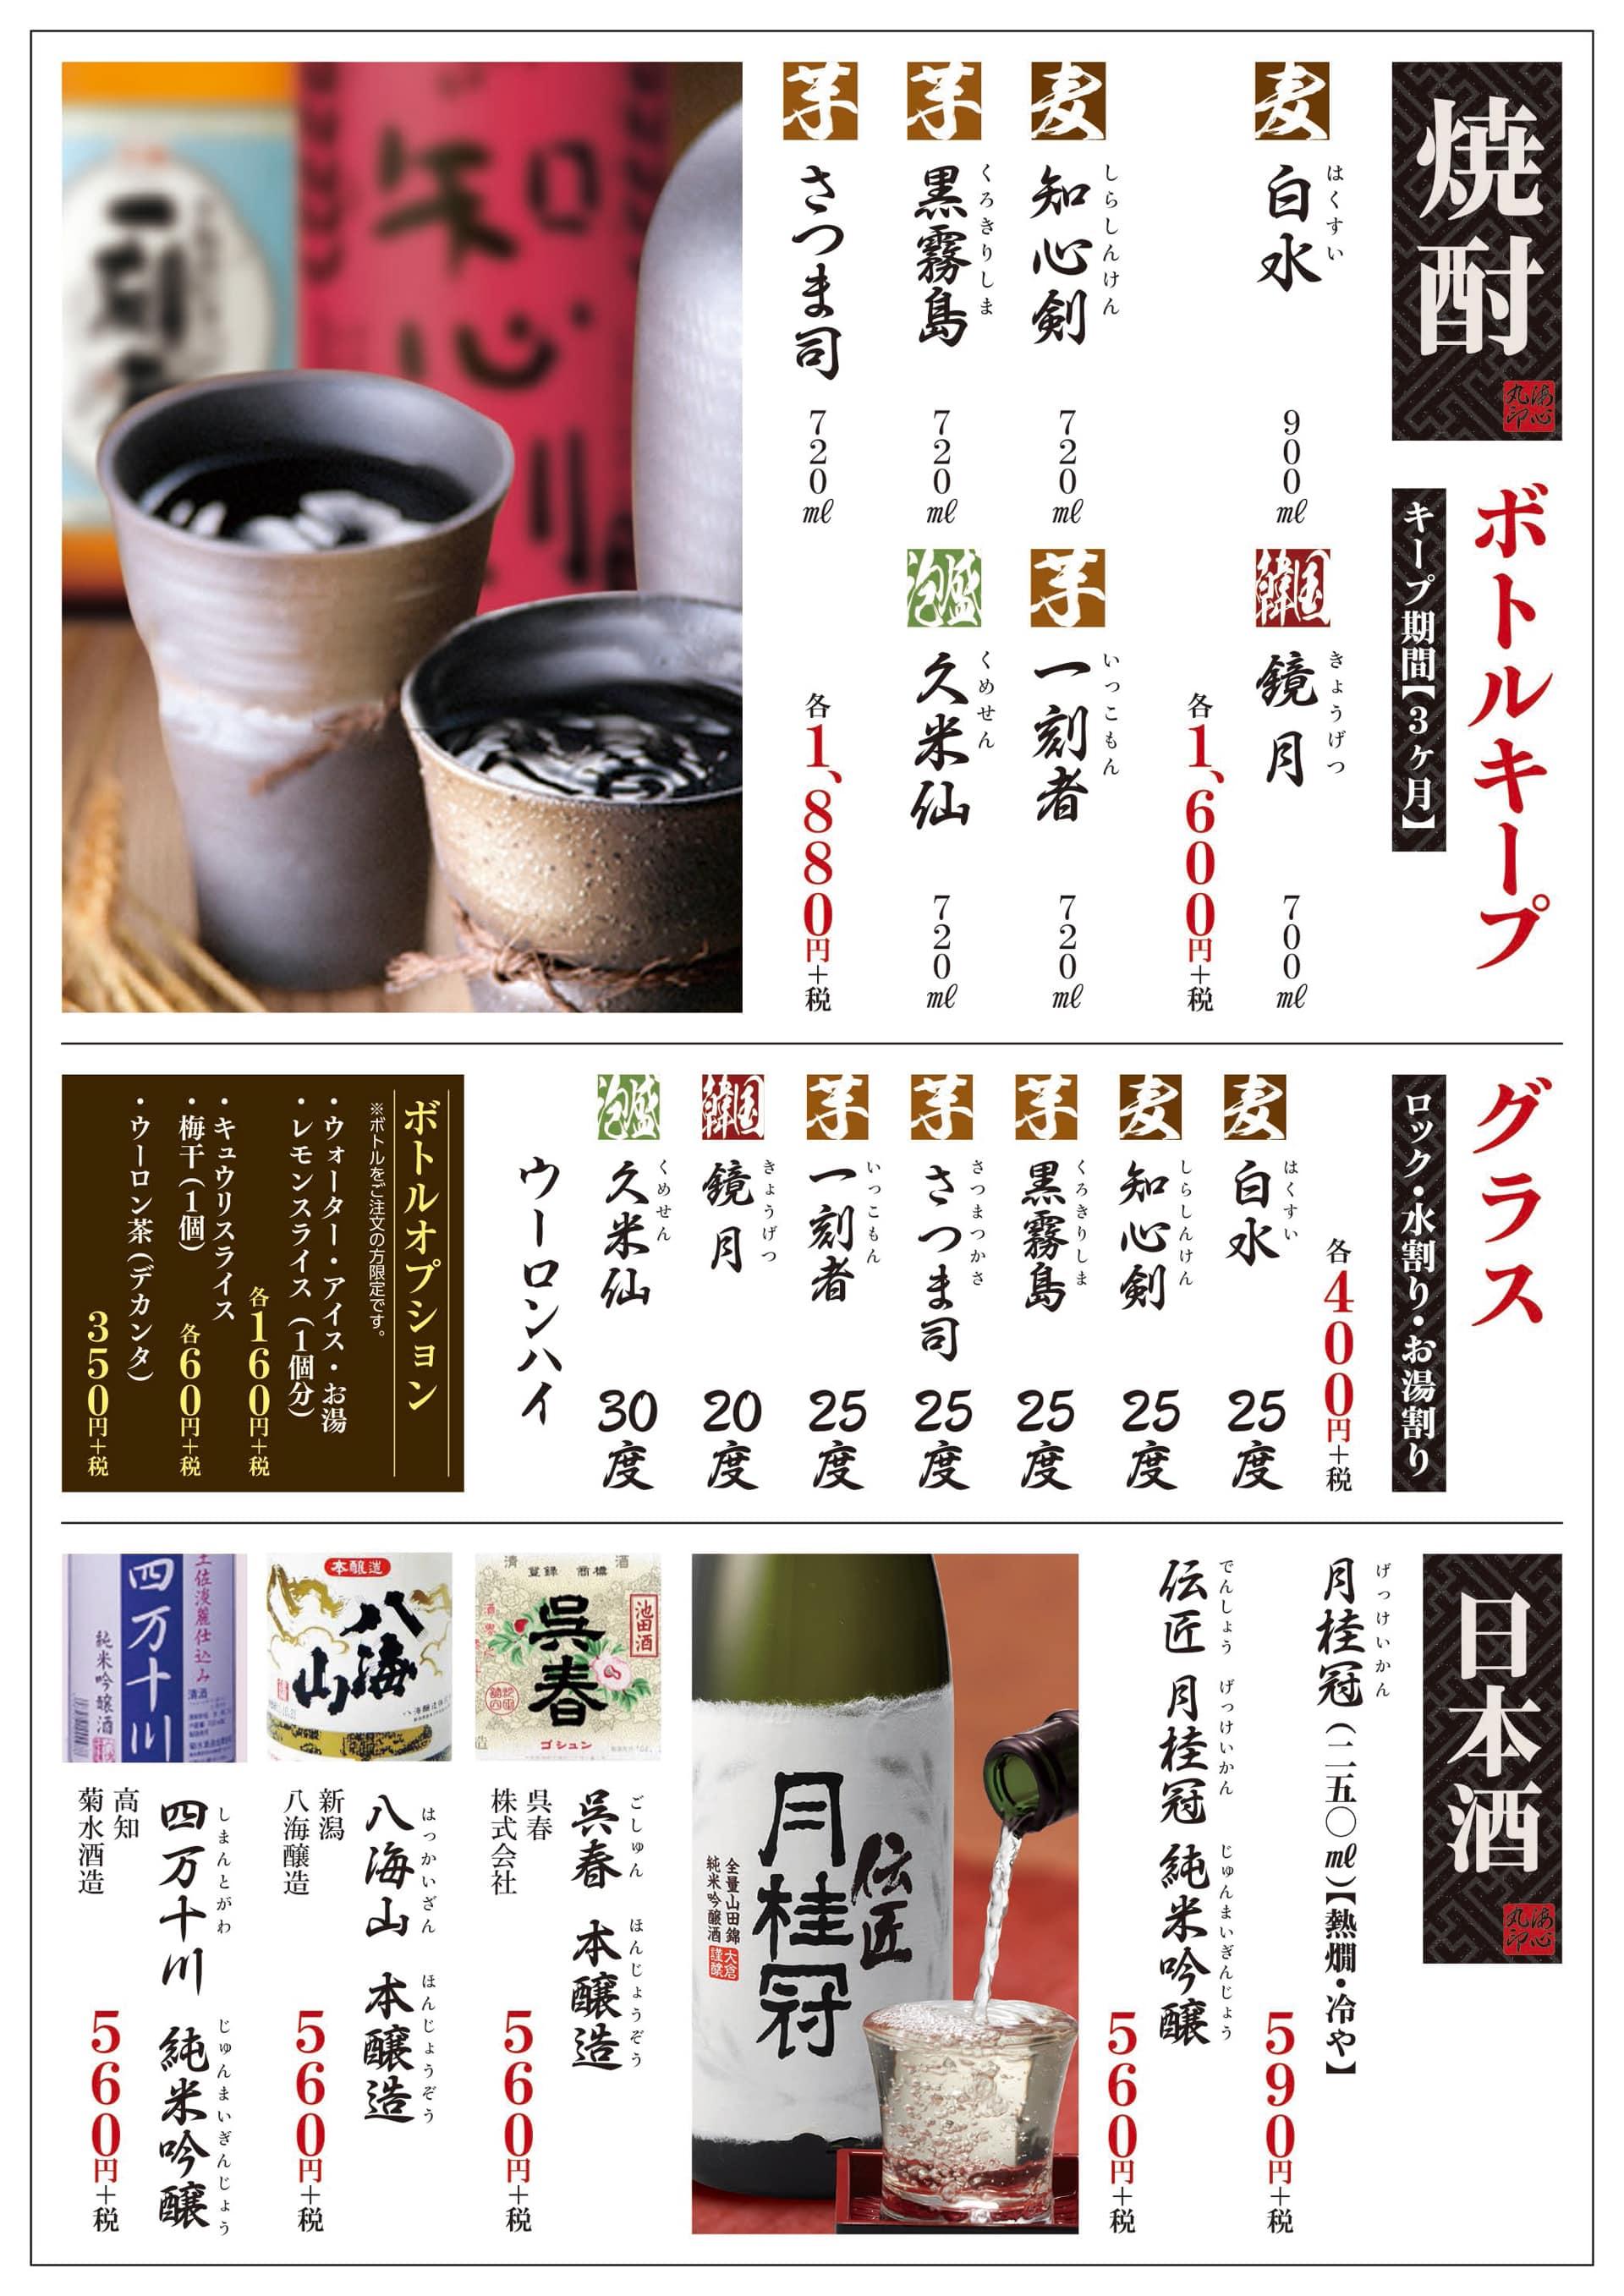 海心丸 焼酎・日本酒